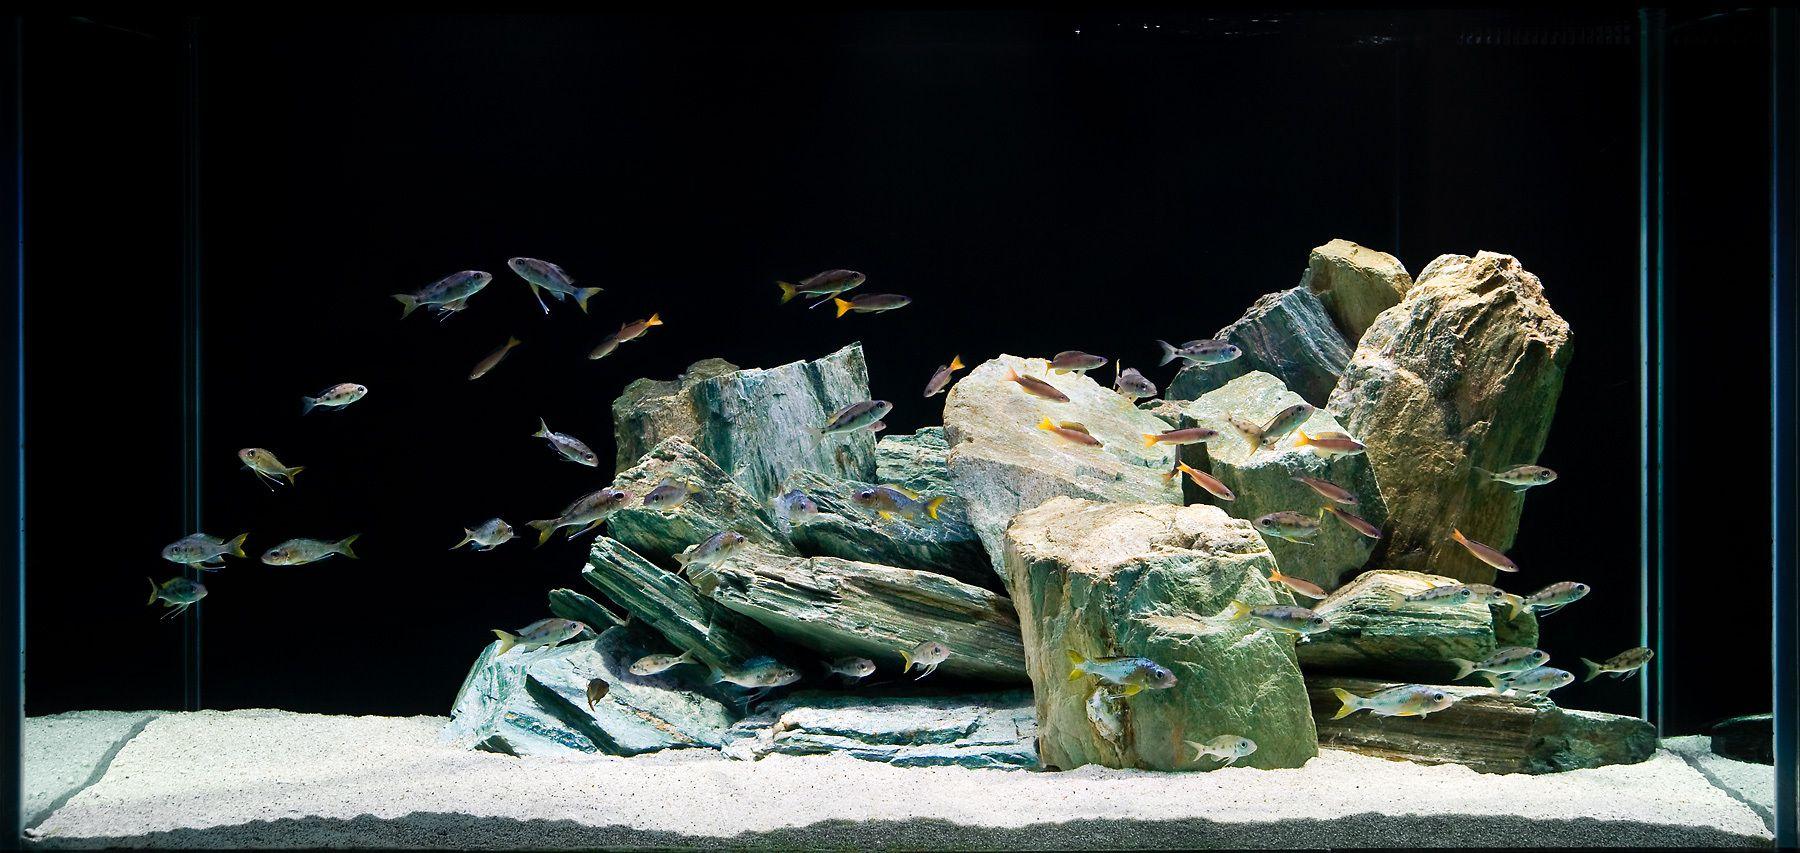 Aquarium Design Group - An Aquascape for Ventralis and ...